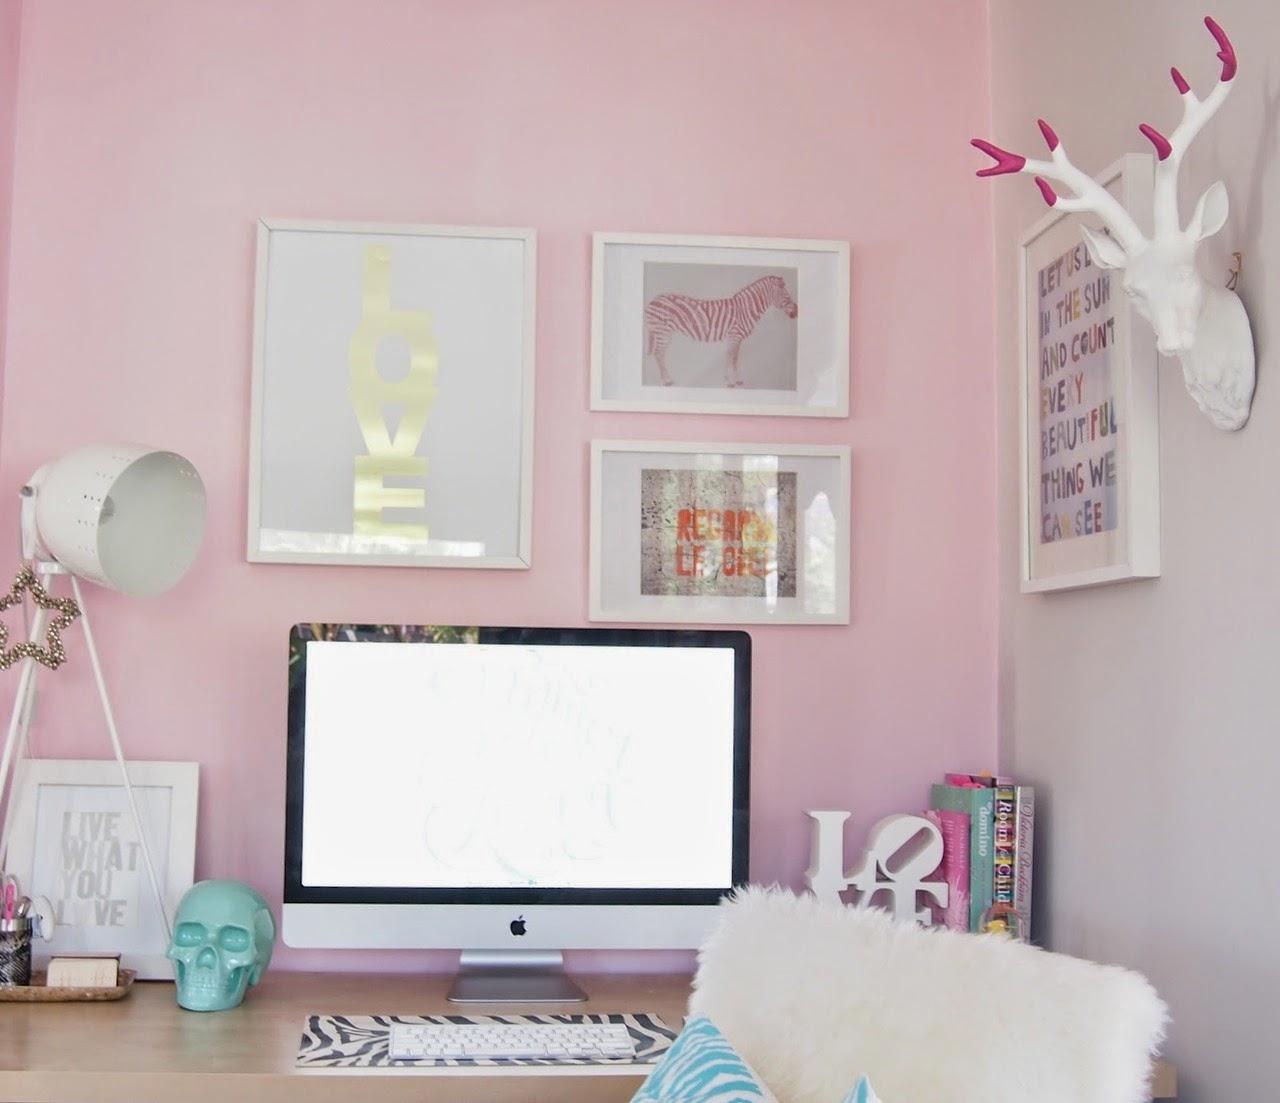 Deco cuisine rose pale: photo decoration rose avec pinterest ...